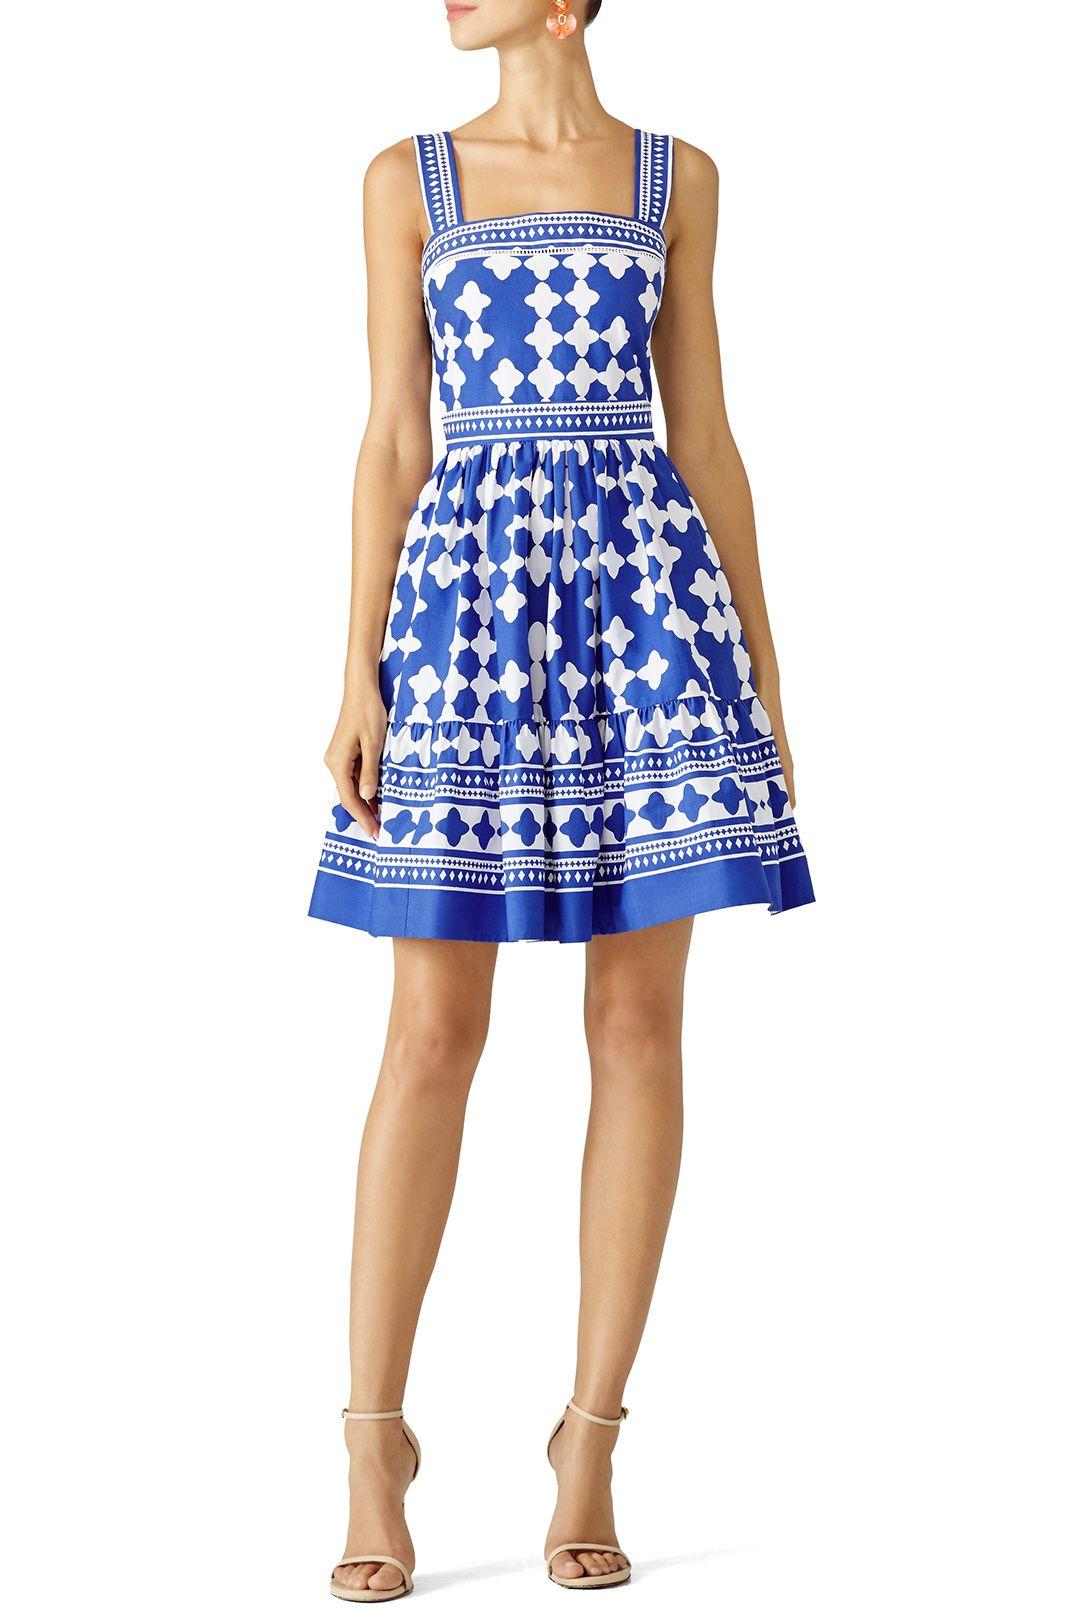 Where can i rent a wedding dress  Blue Lantern Poplin Flounce Dress  Summer Wedding Dresses